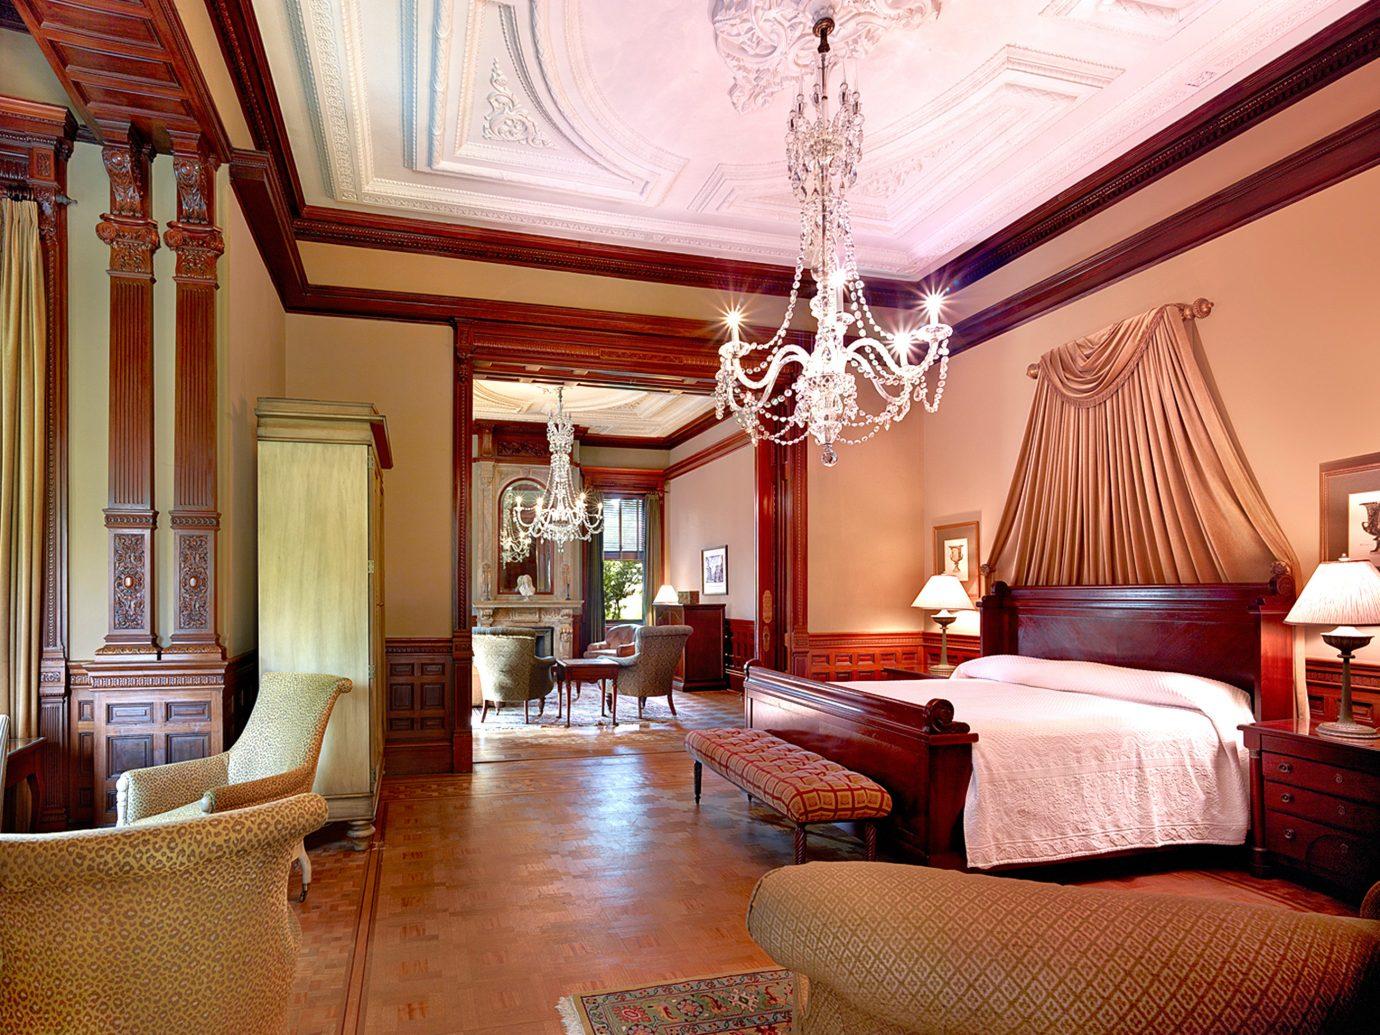 Bedroom Elegant Historic Hotels Modern Suite indoor room floor wall Living property living room estate home interior design real estate mansion furniture ceiling cottage decorated